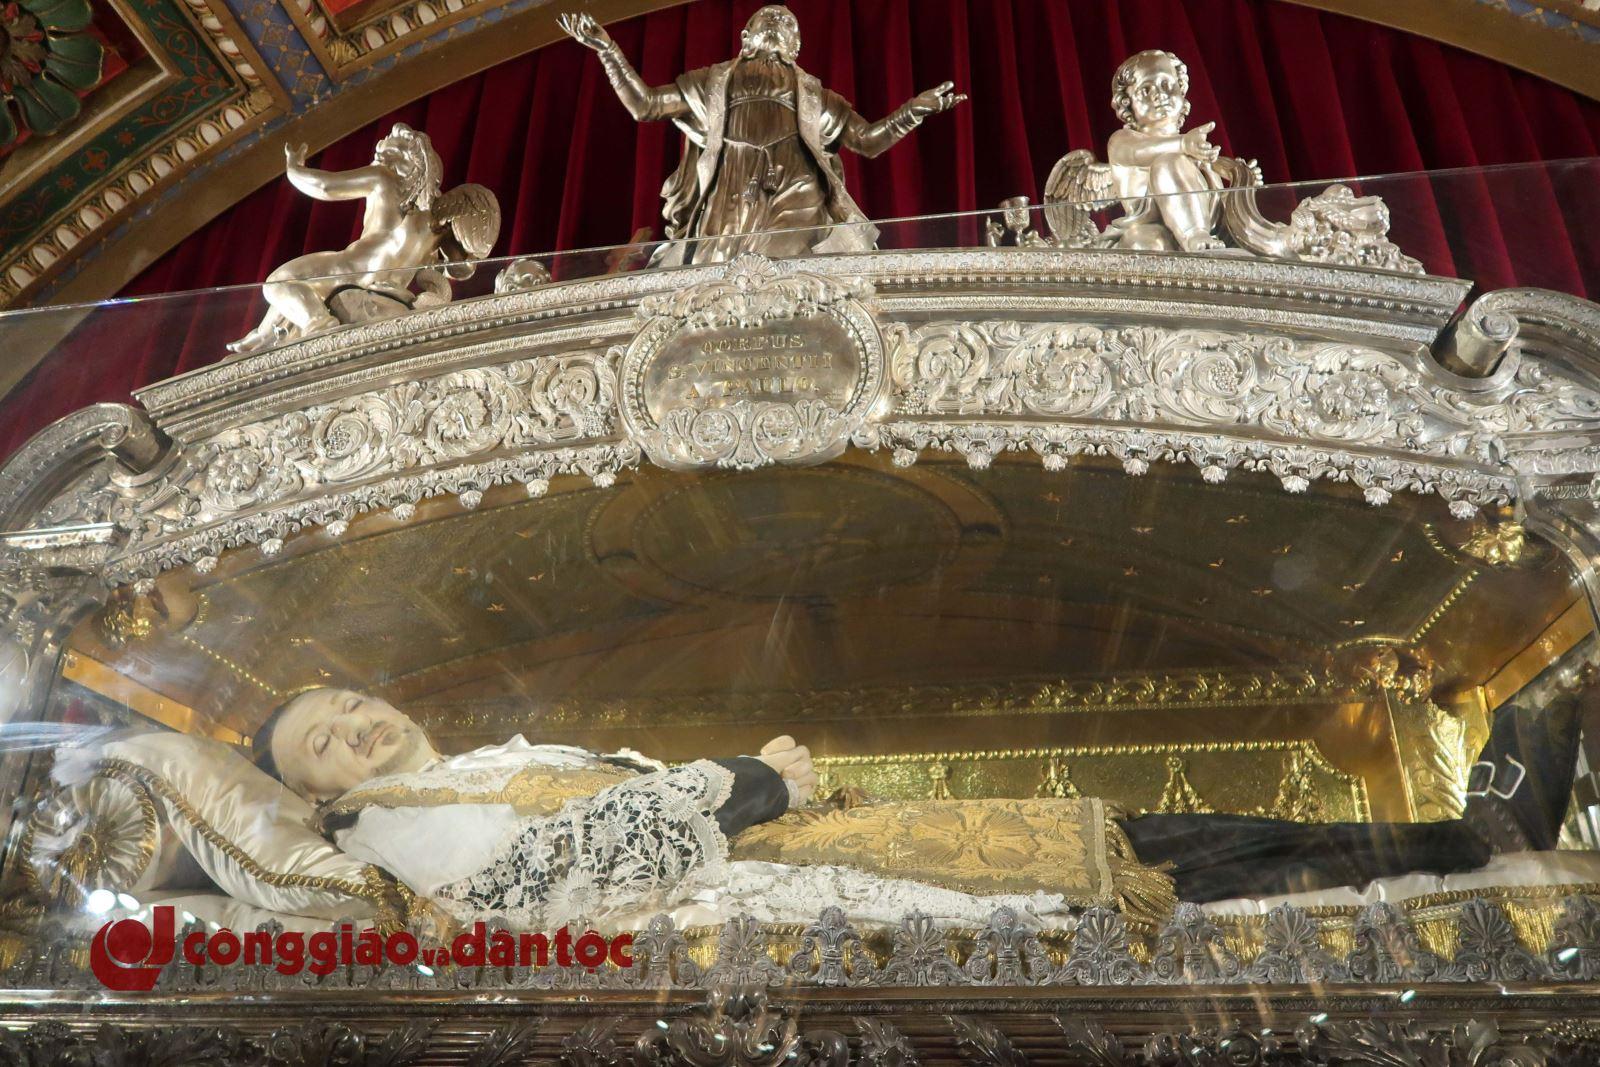 Viếng di hài thánh Vinh sơn Phaolô tại Paris - 2